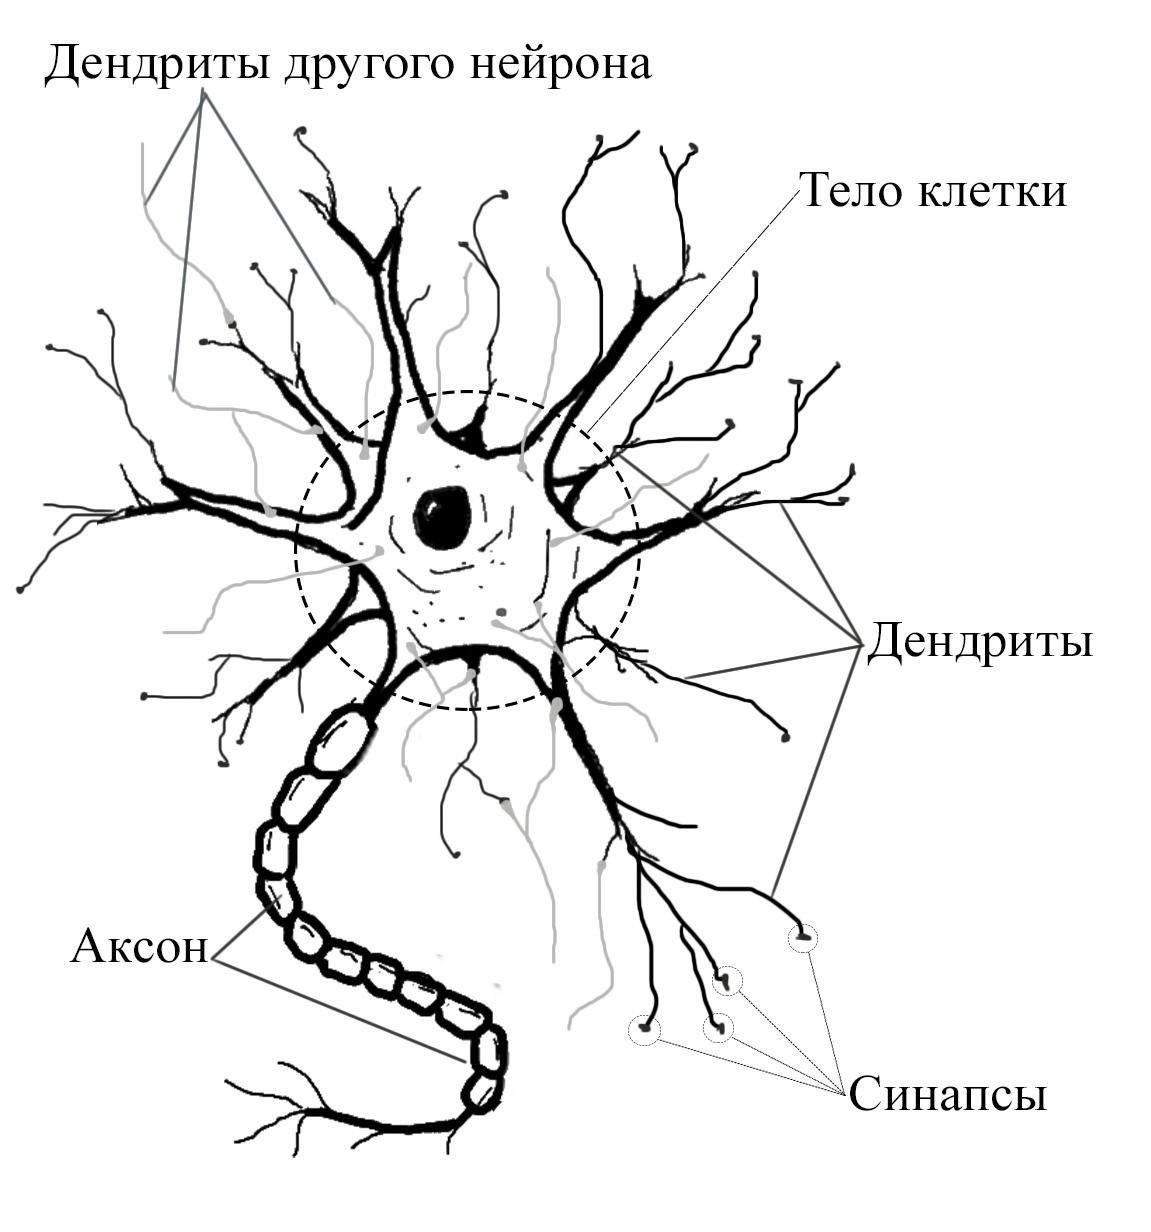 картинка нейрона с обозначениями из-за некоторых